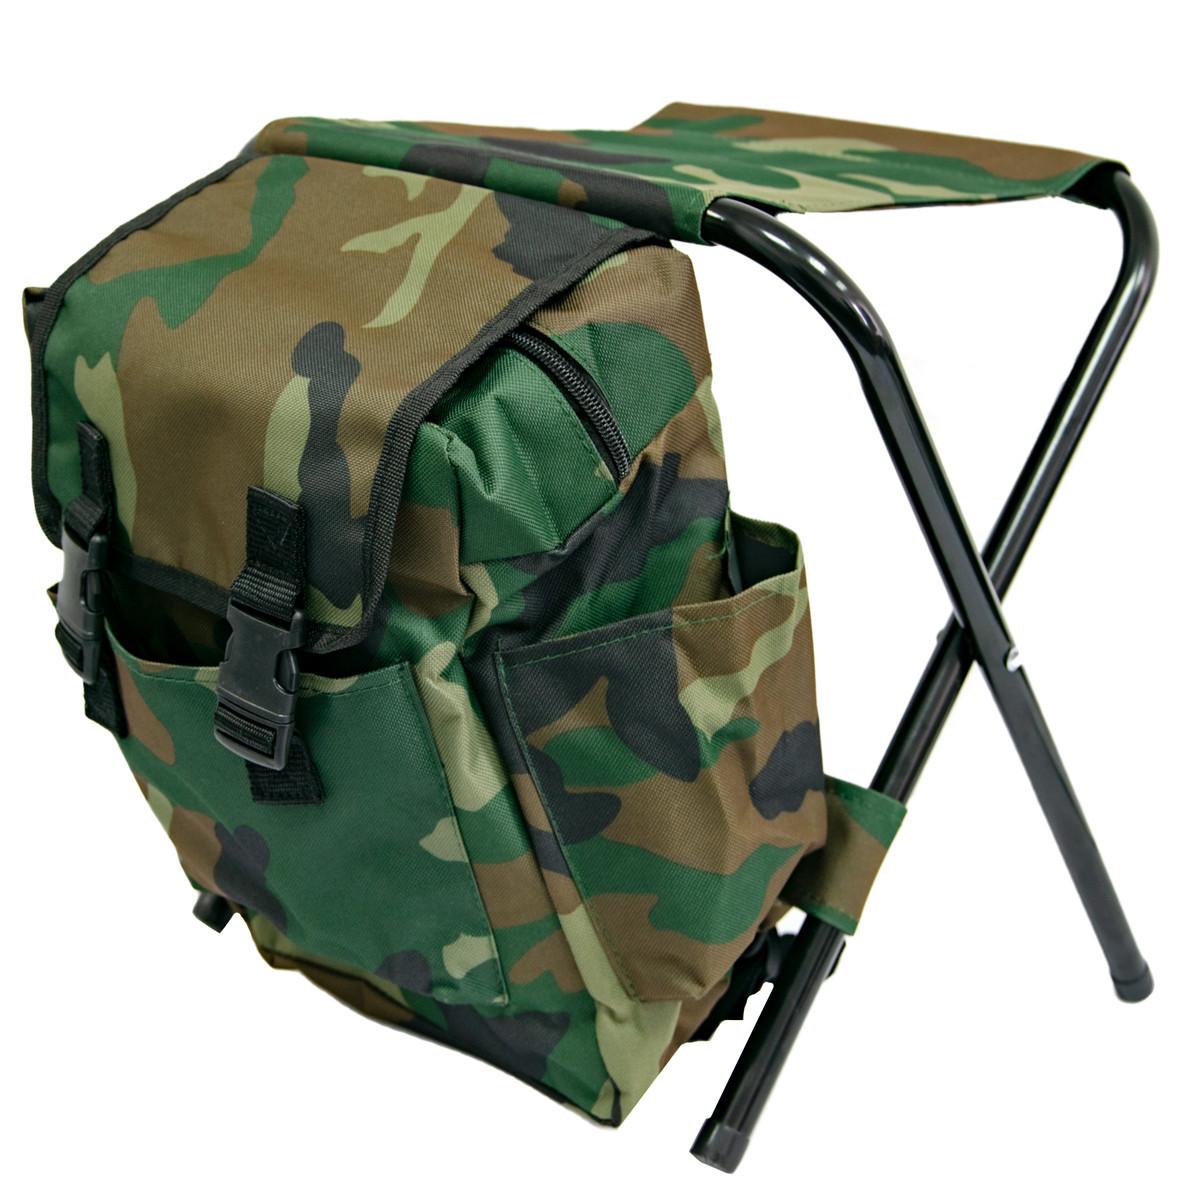 Складной стул рюкзак для рыбалки 35х34см Хаки, стул раскладной для пикника, туристический (ST)